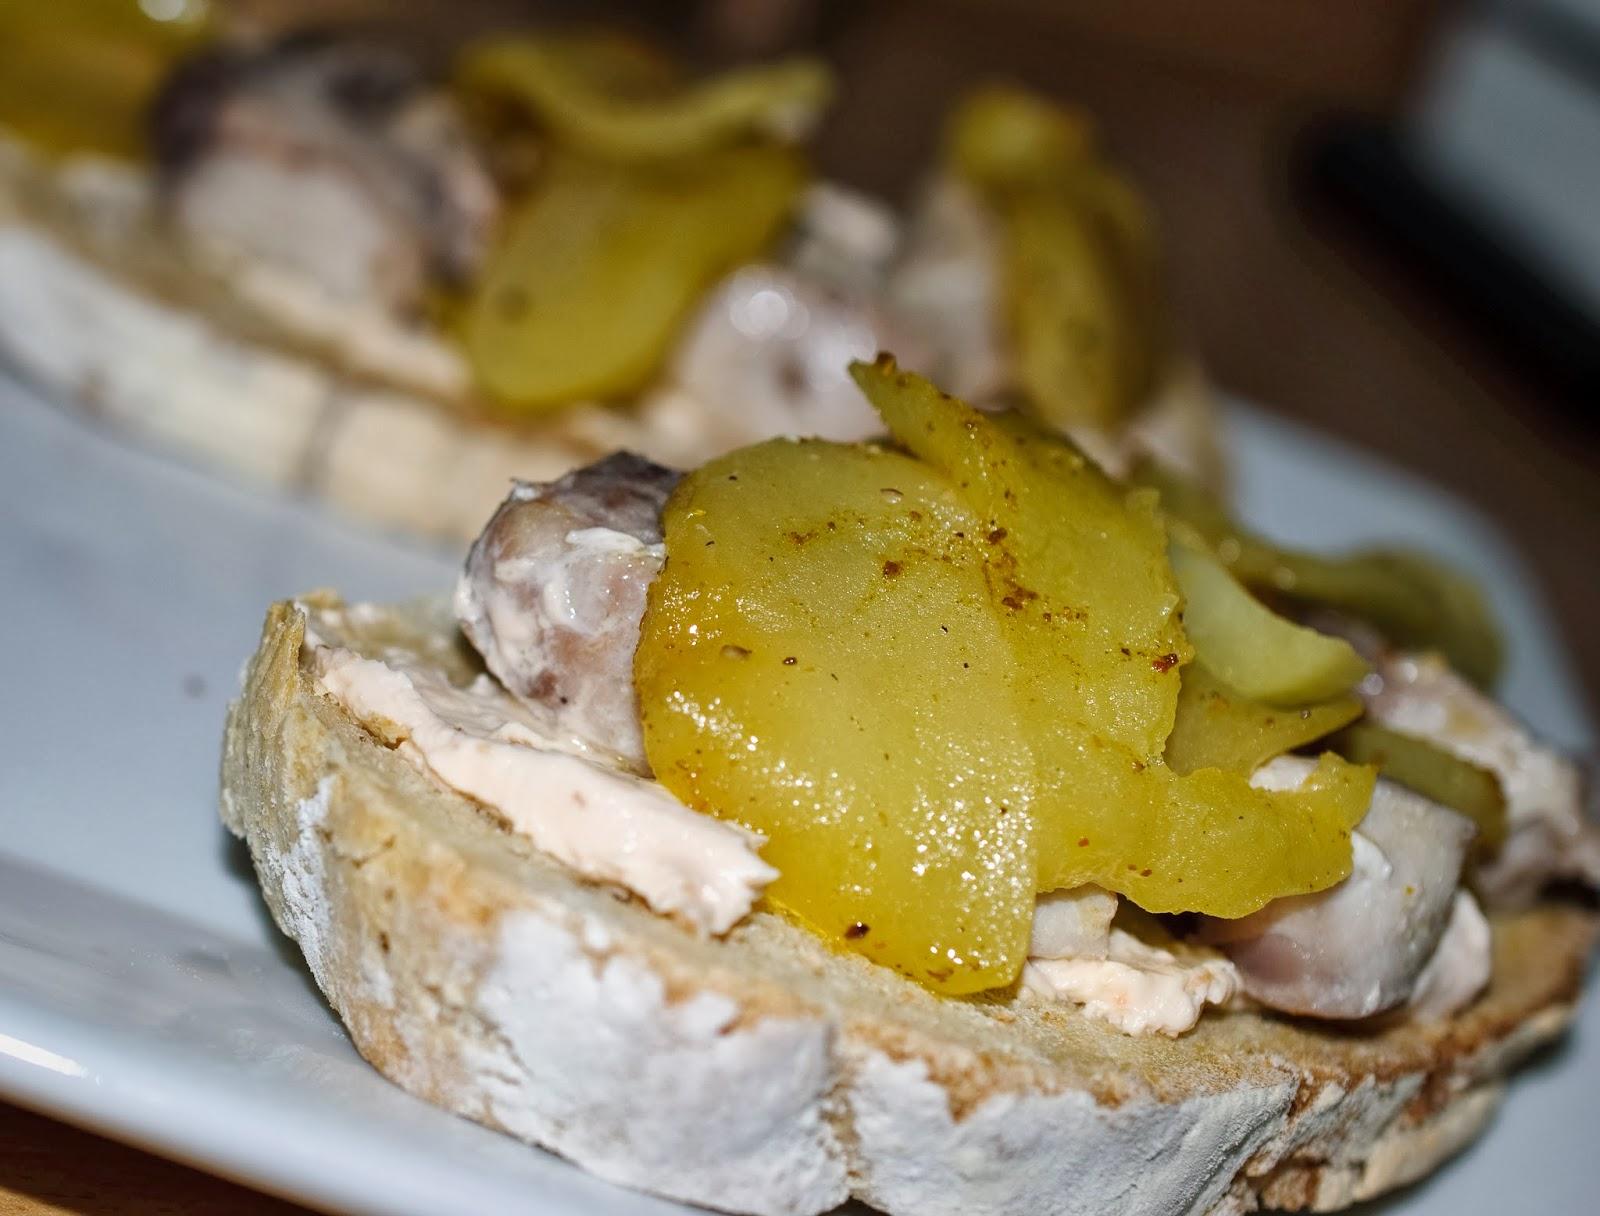 Tostas, sandwich, bonito, tuna, manzana, apple